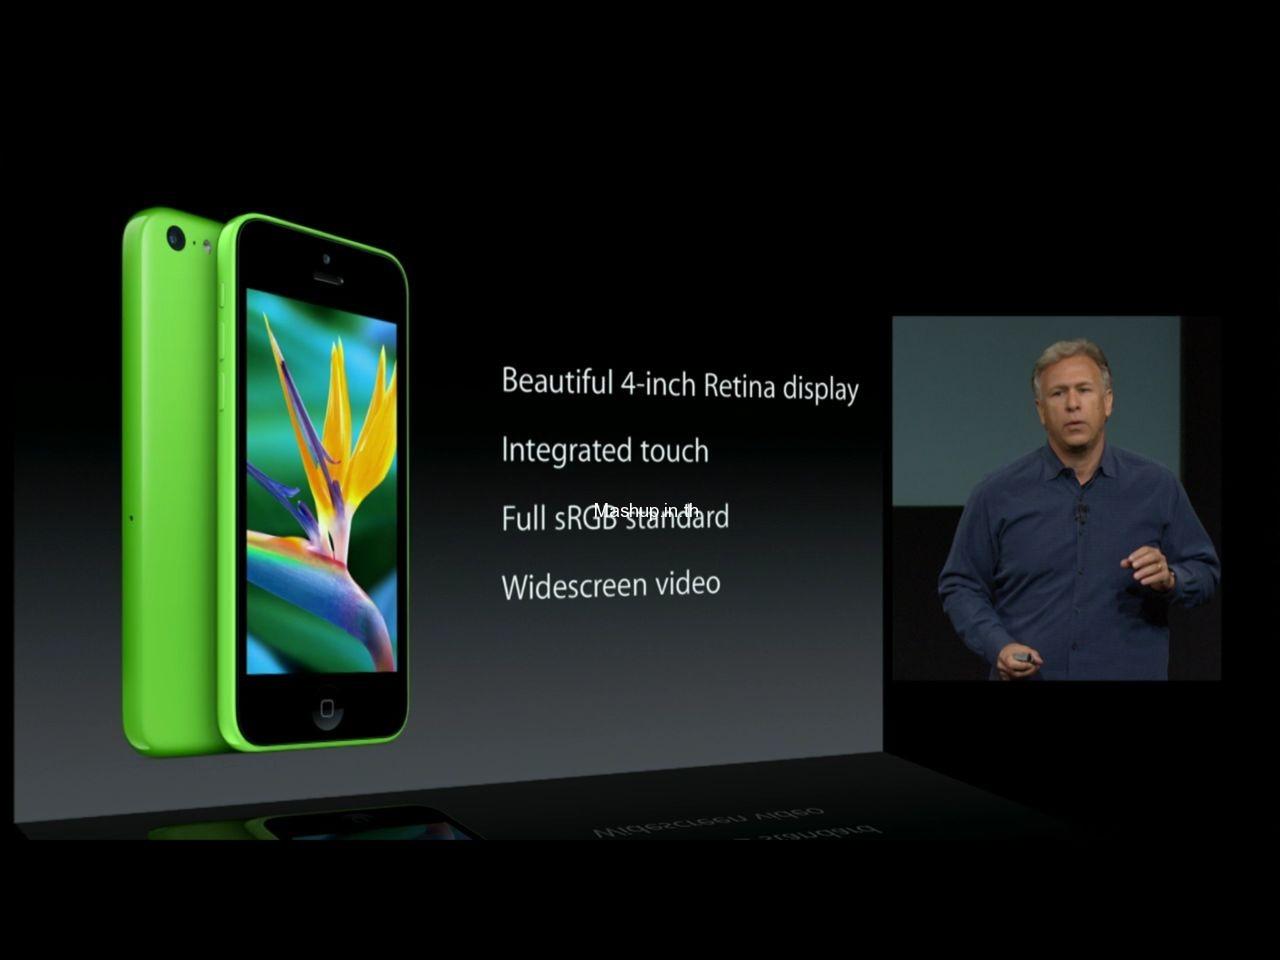 สรุป Spec  ของ iPhone 5C